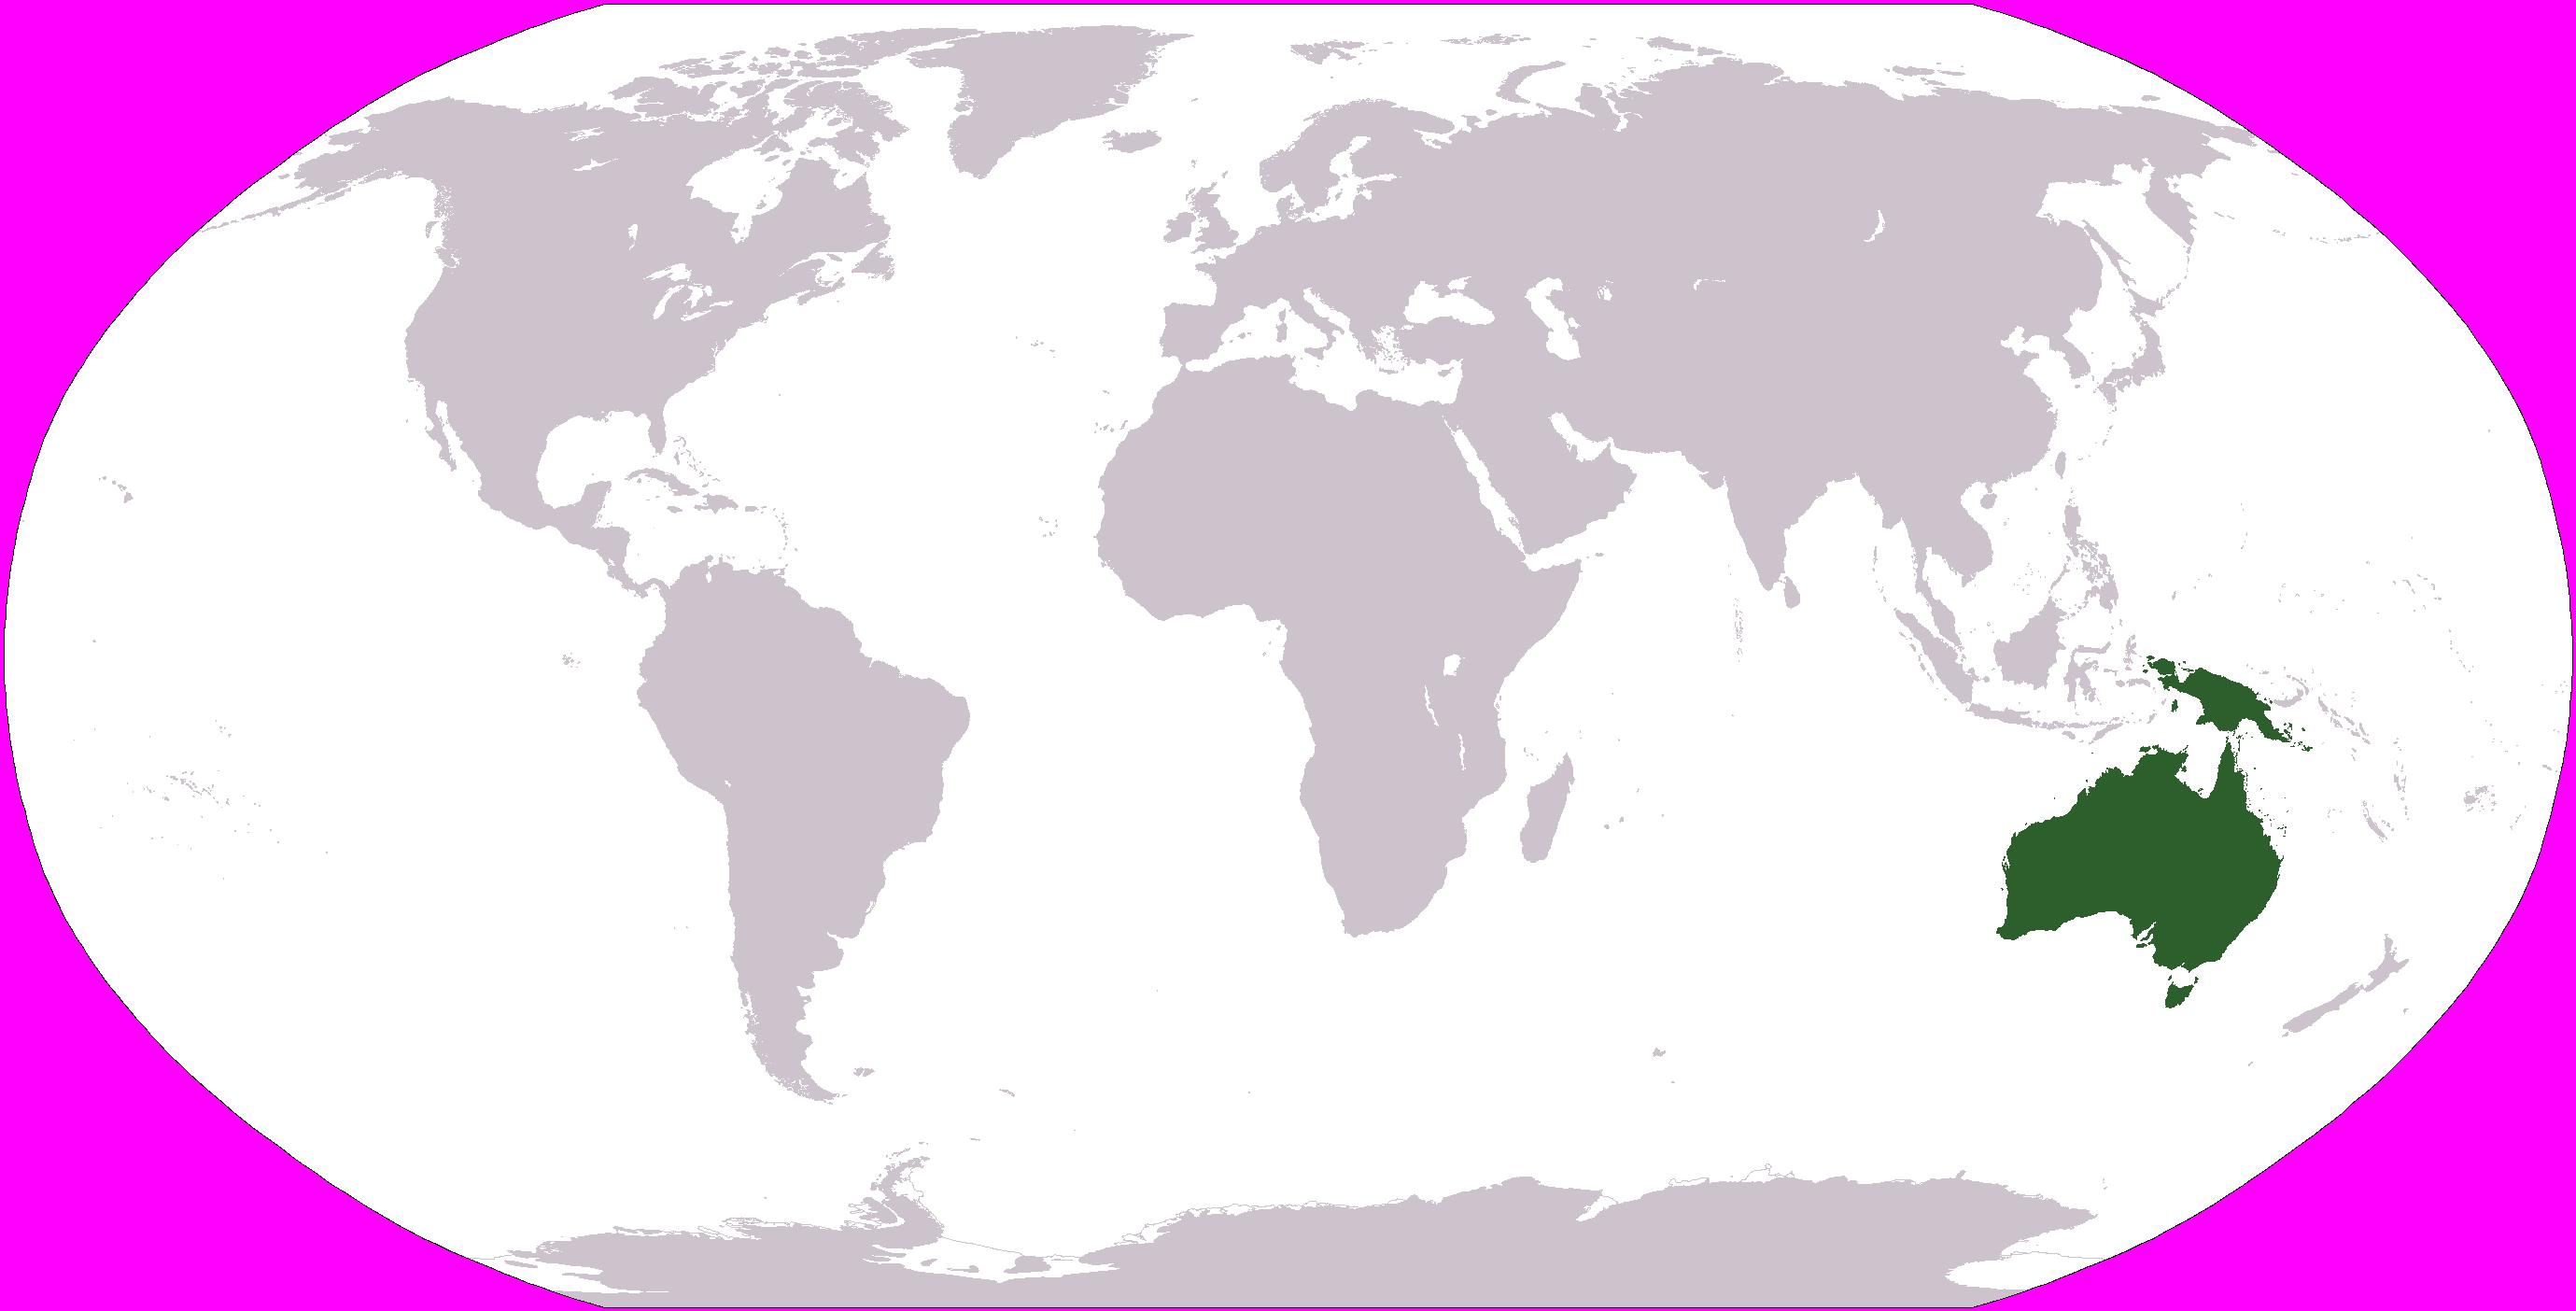 Karte Australien Und Umgebung.Australien Kontinent Wikipedia